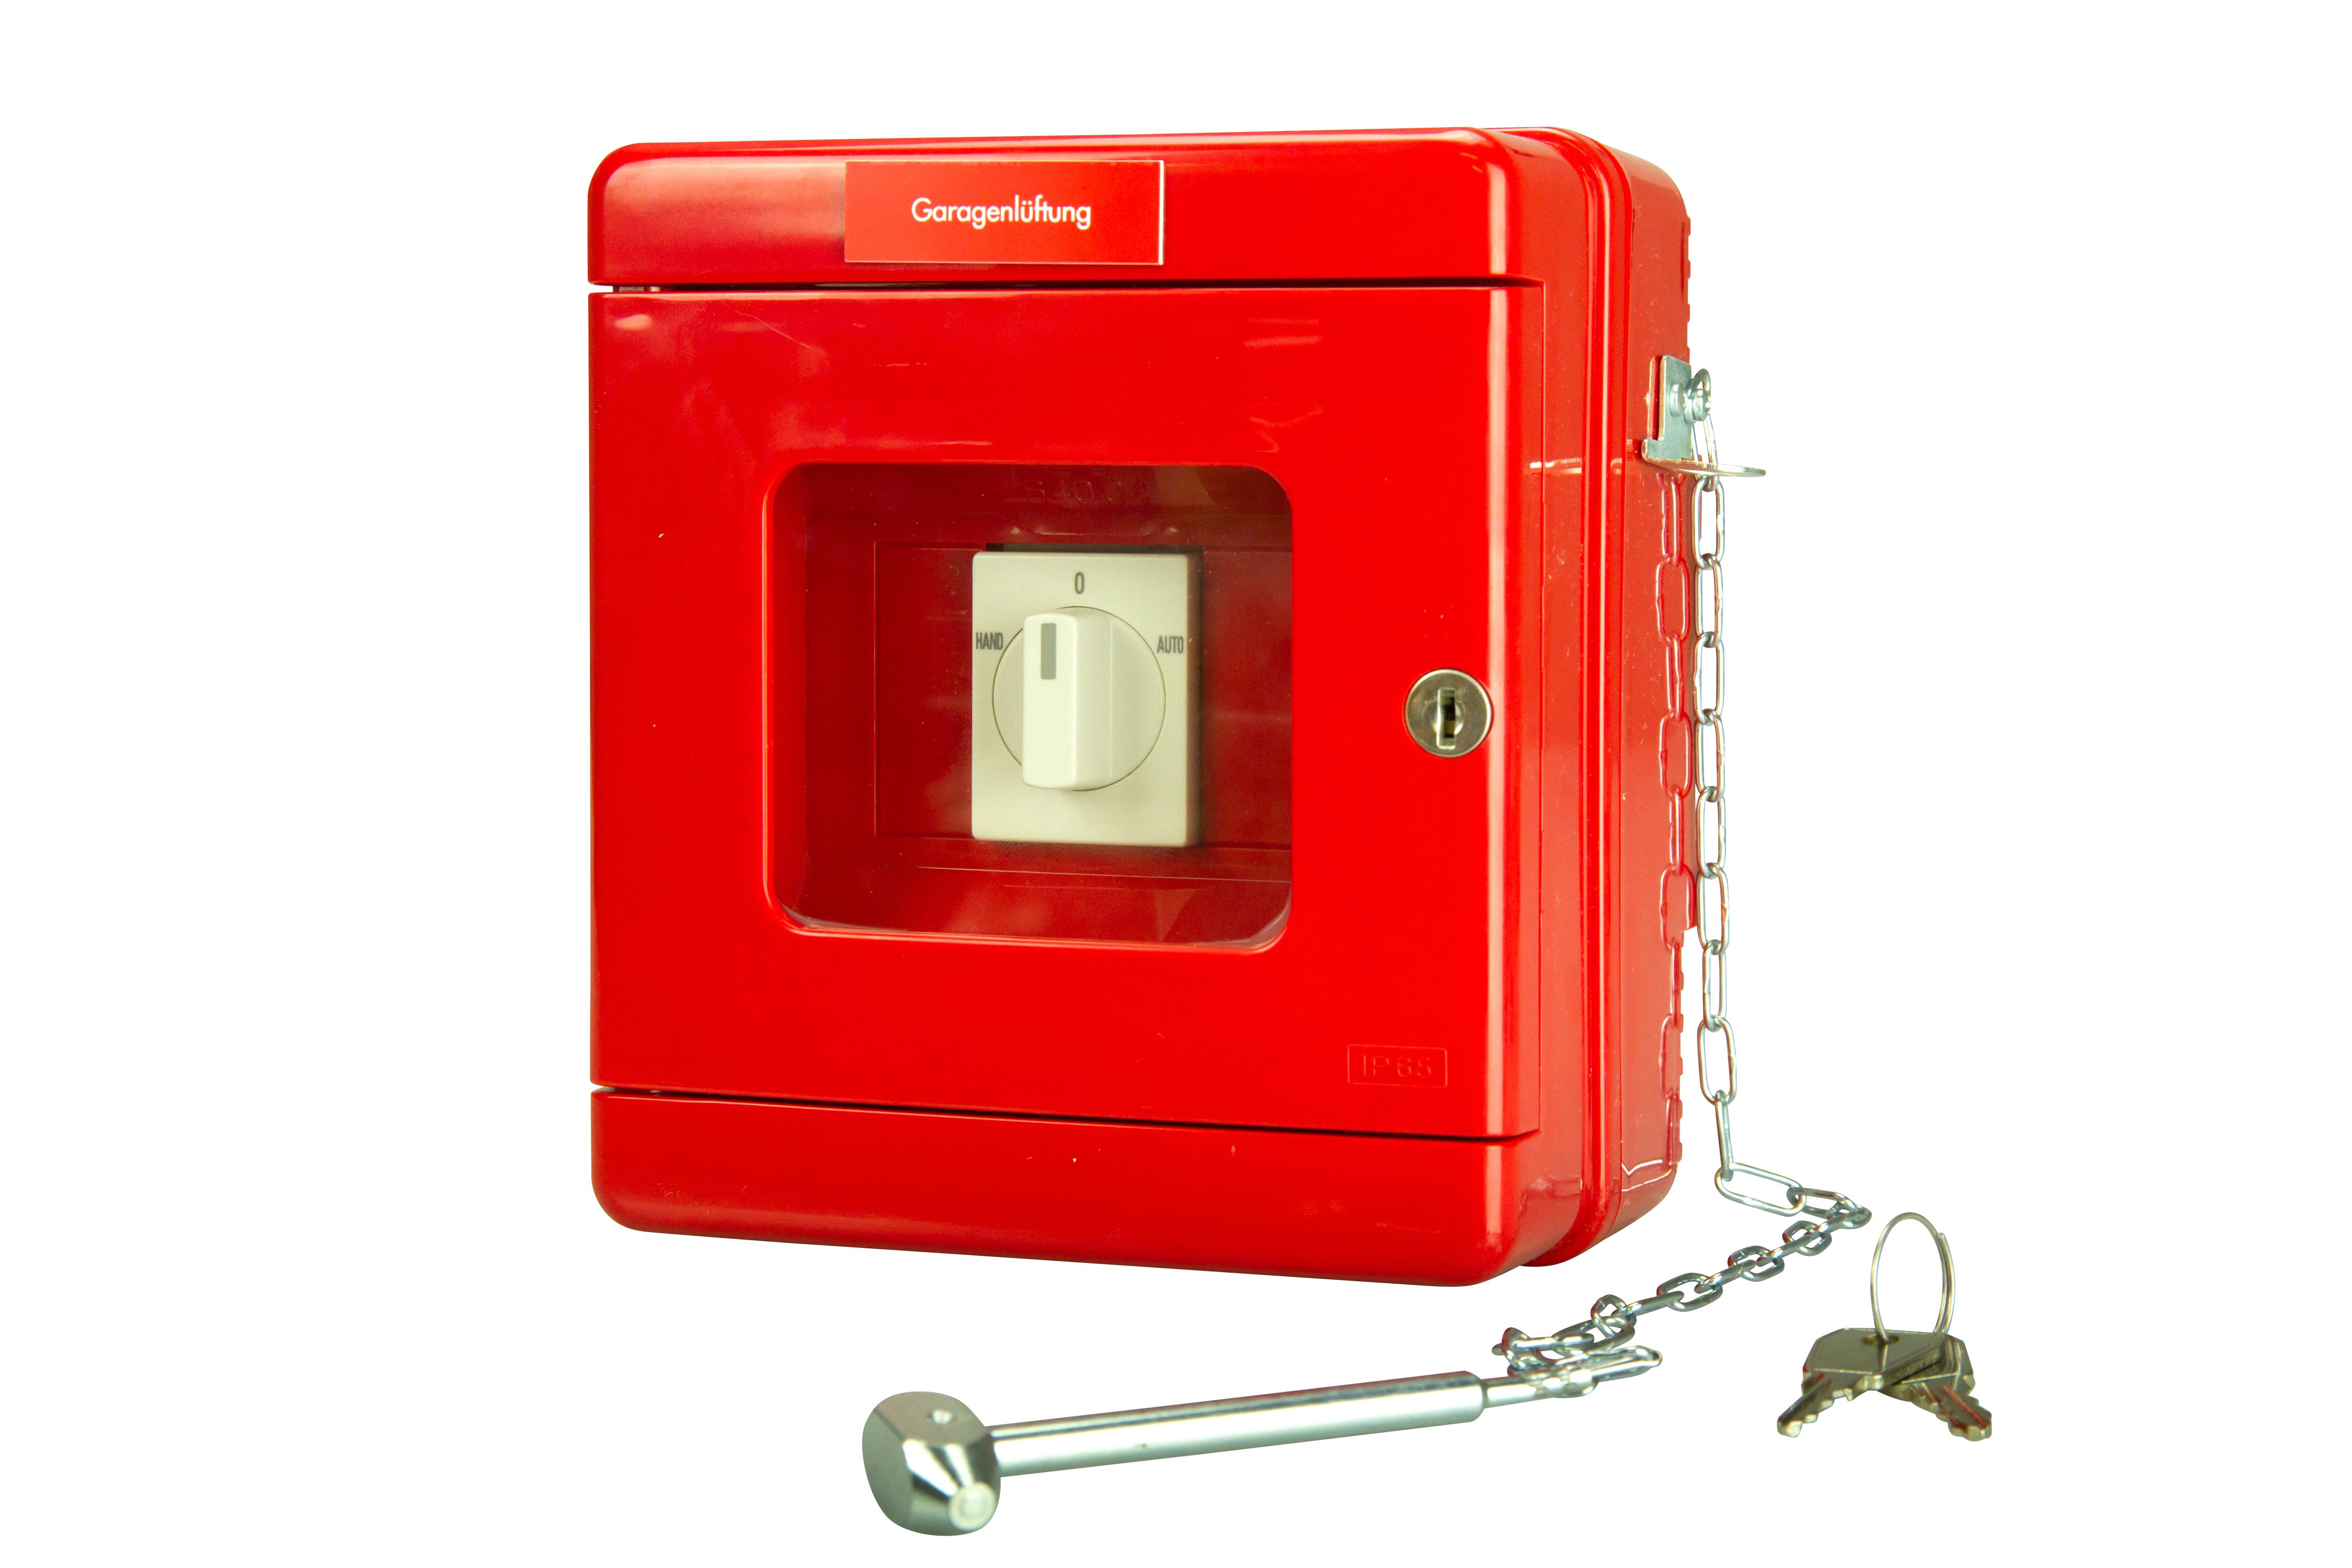 1 Stk Feuerwehrschalter (Garagenlüftungsschalter 0-Auto-1) COFWS-----